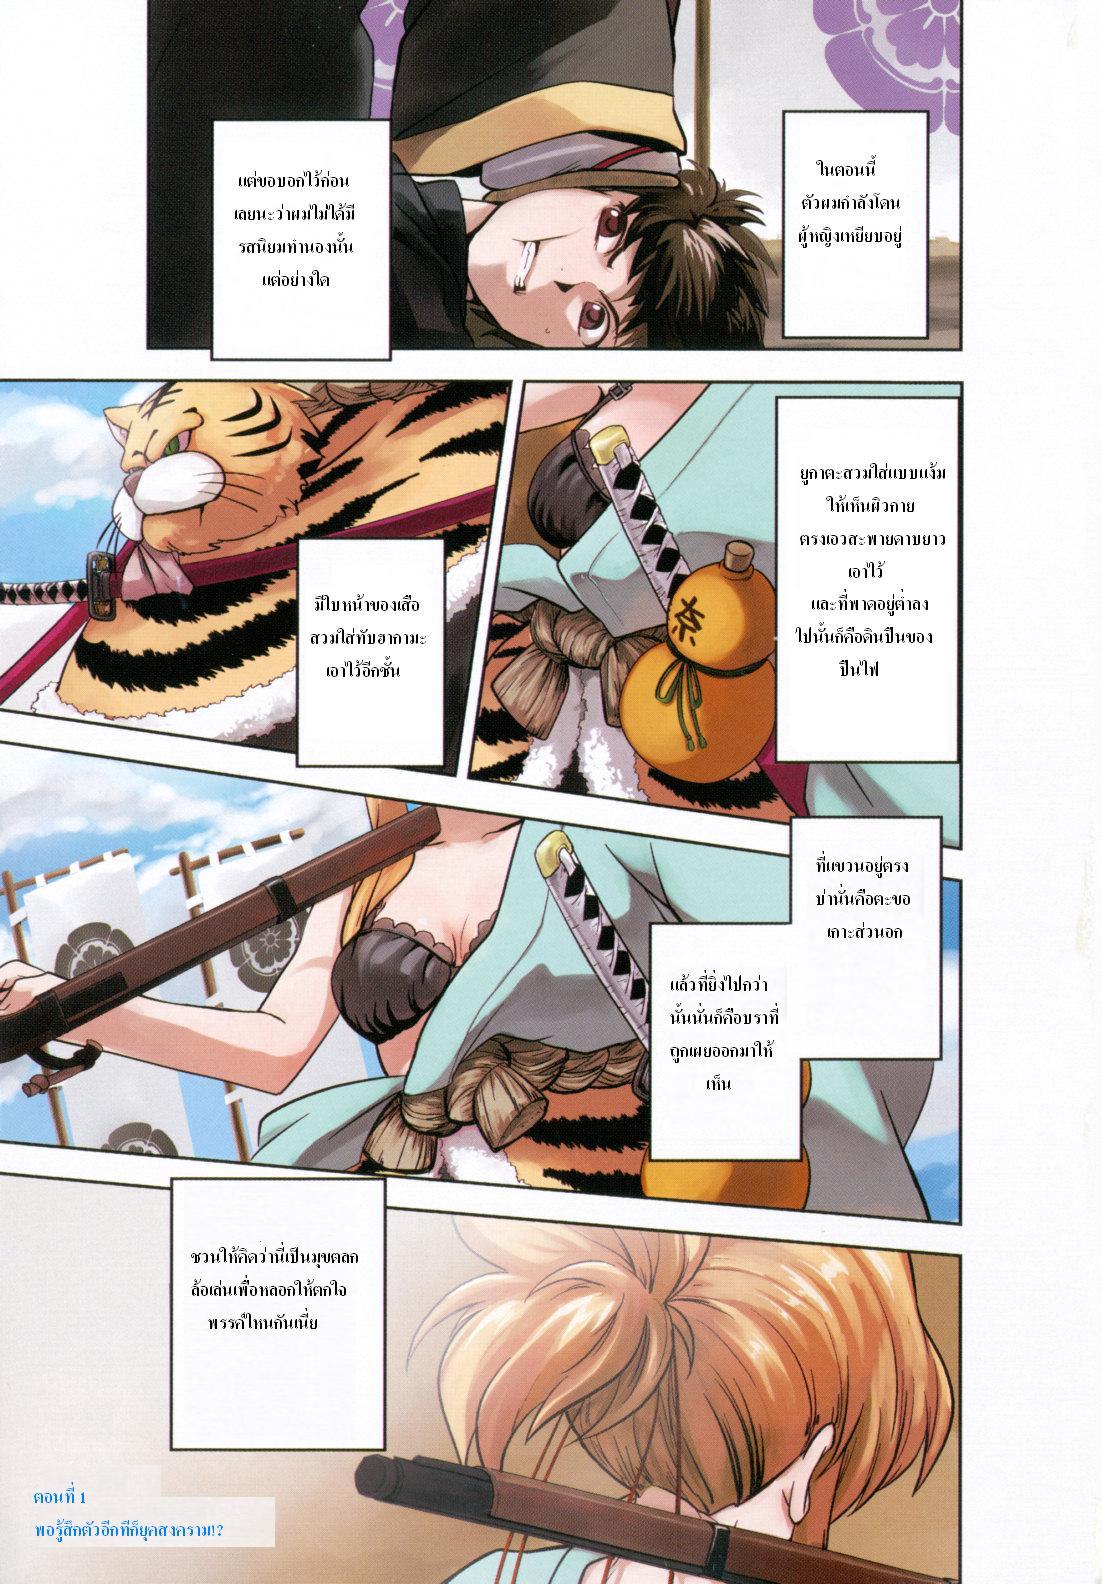 อ่านการ์ตูน Oda nobuna no yabou 1.1 ภาพที่ 1